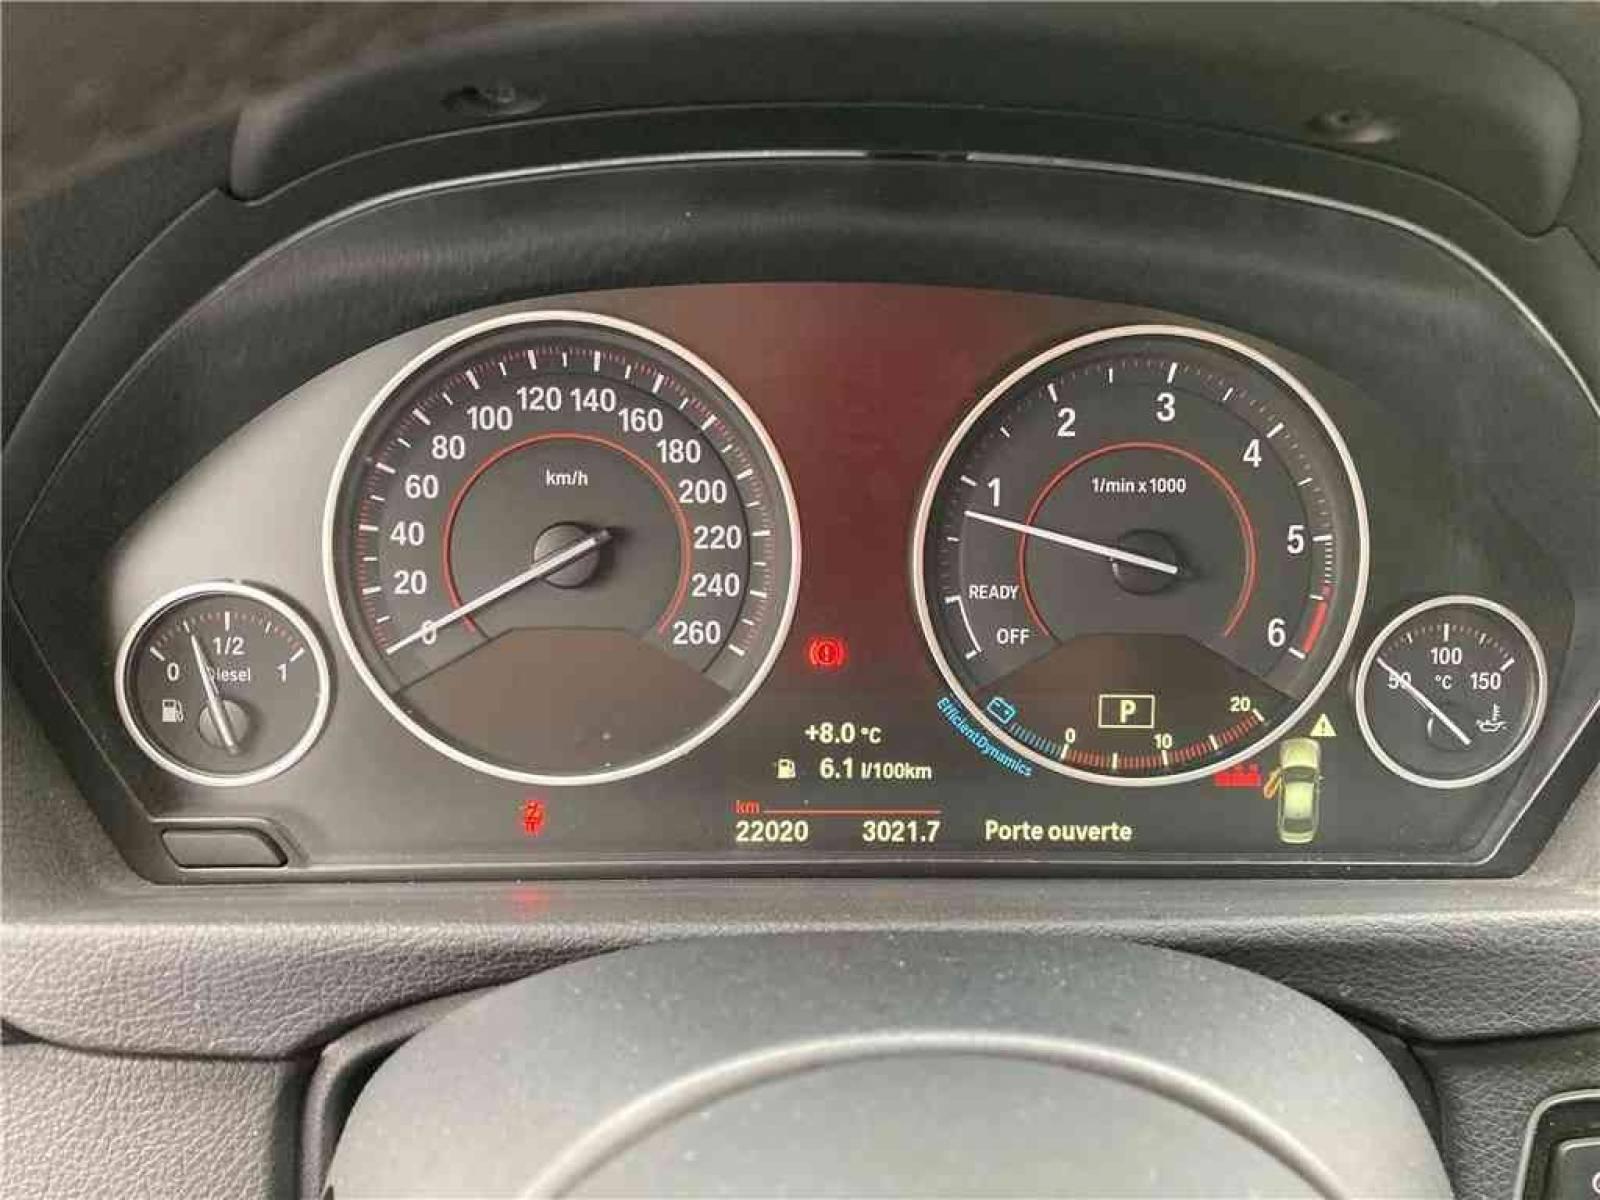 BMW 318d 150 ch BVA8 - véhicule d'occasion - Groupe Guillet - Chalon Automobiles - 71100 - Chalon-sur-Saône - 35